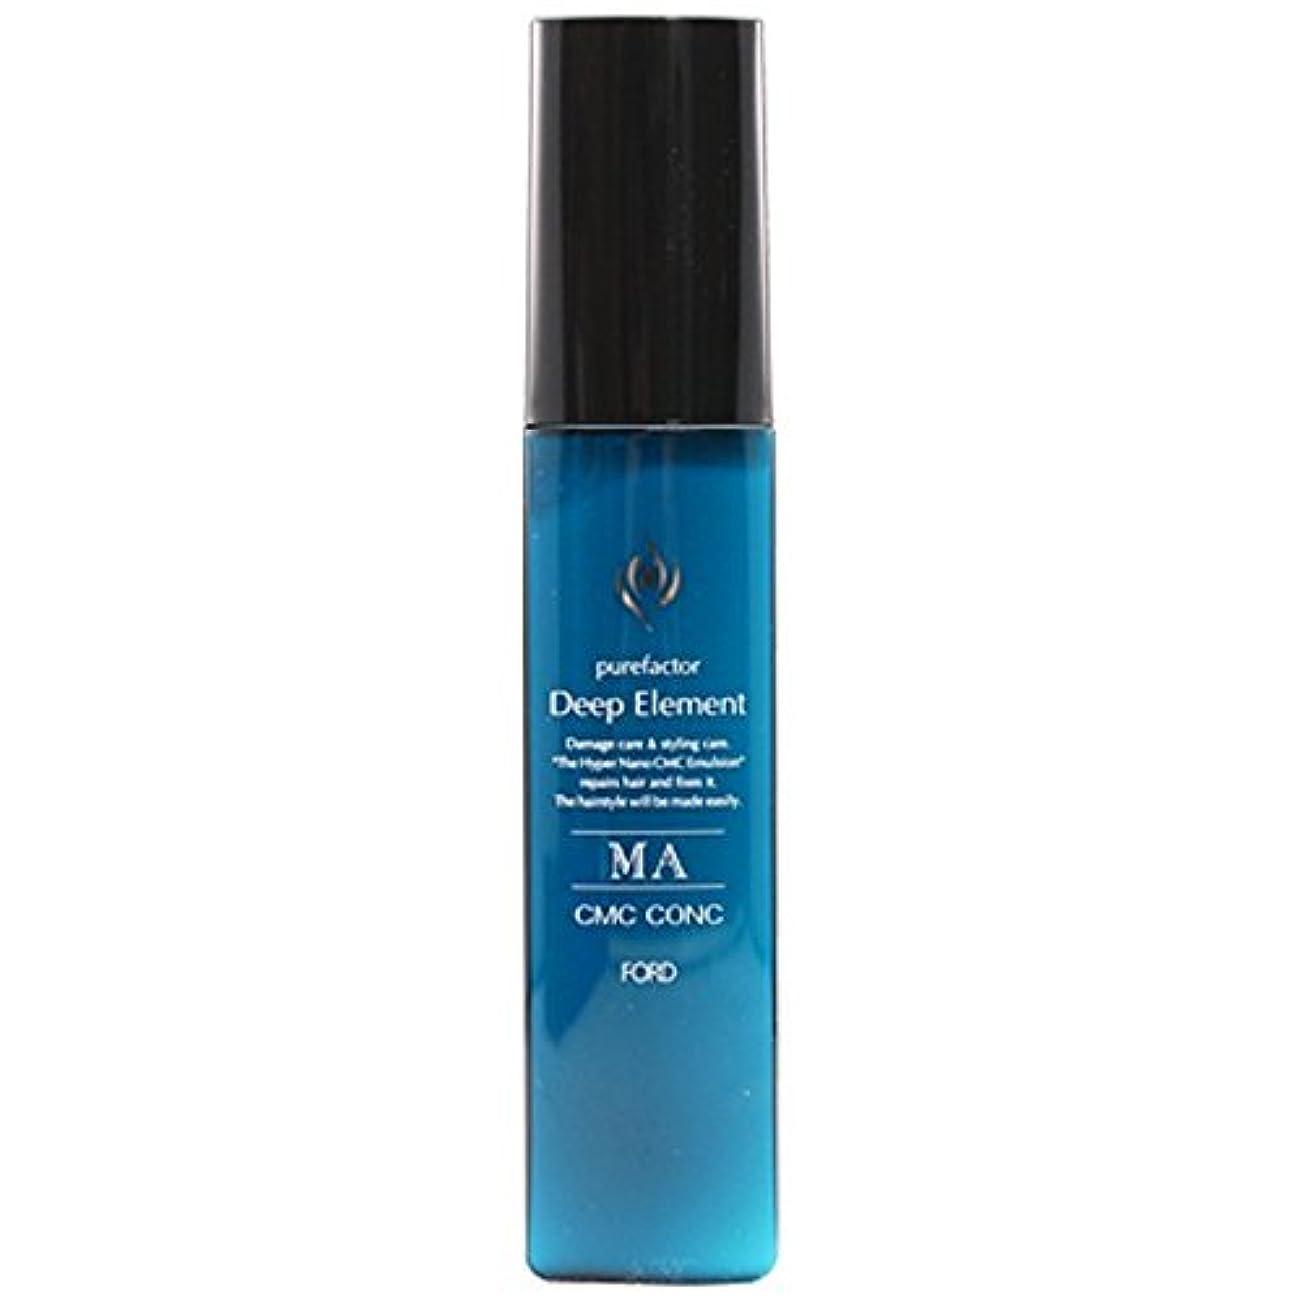 ハチ法令倉庫フォードヘア化粧品 ディープエレメント MA CMCコンク 90g